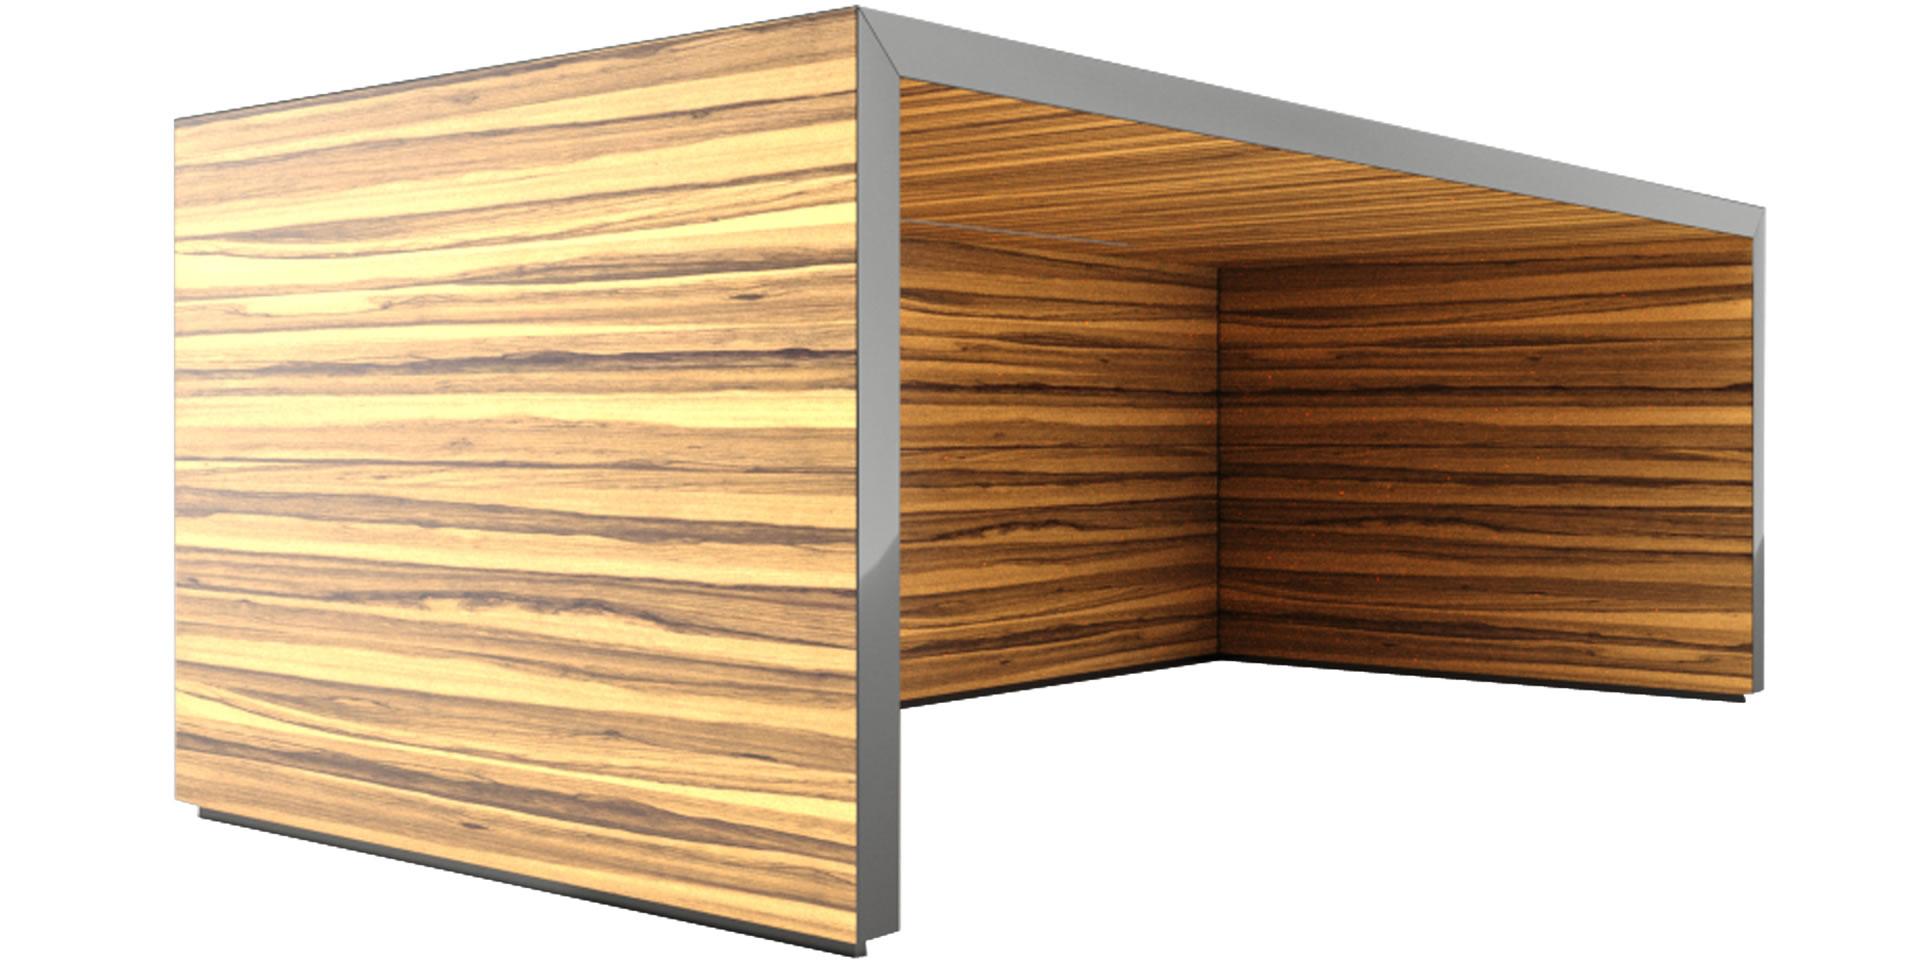 schreibtisch regere moderner design schreibtisch von. Black Bedroom Furniture Sets. Home Design Ideas